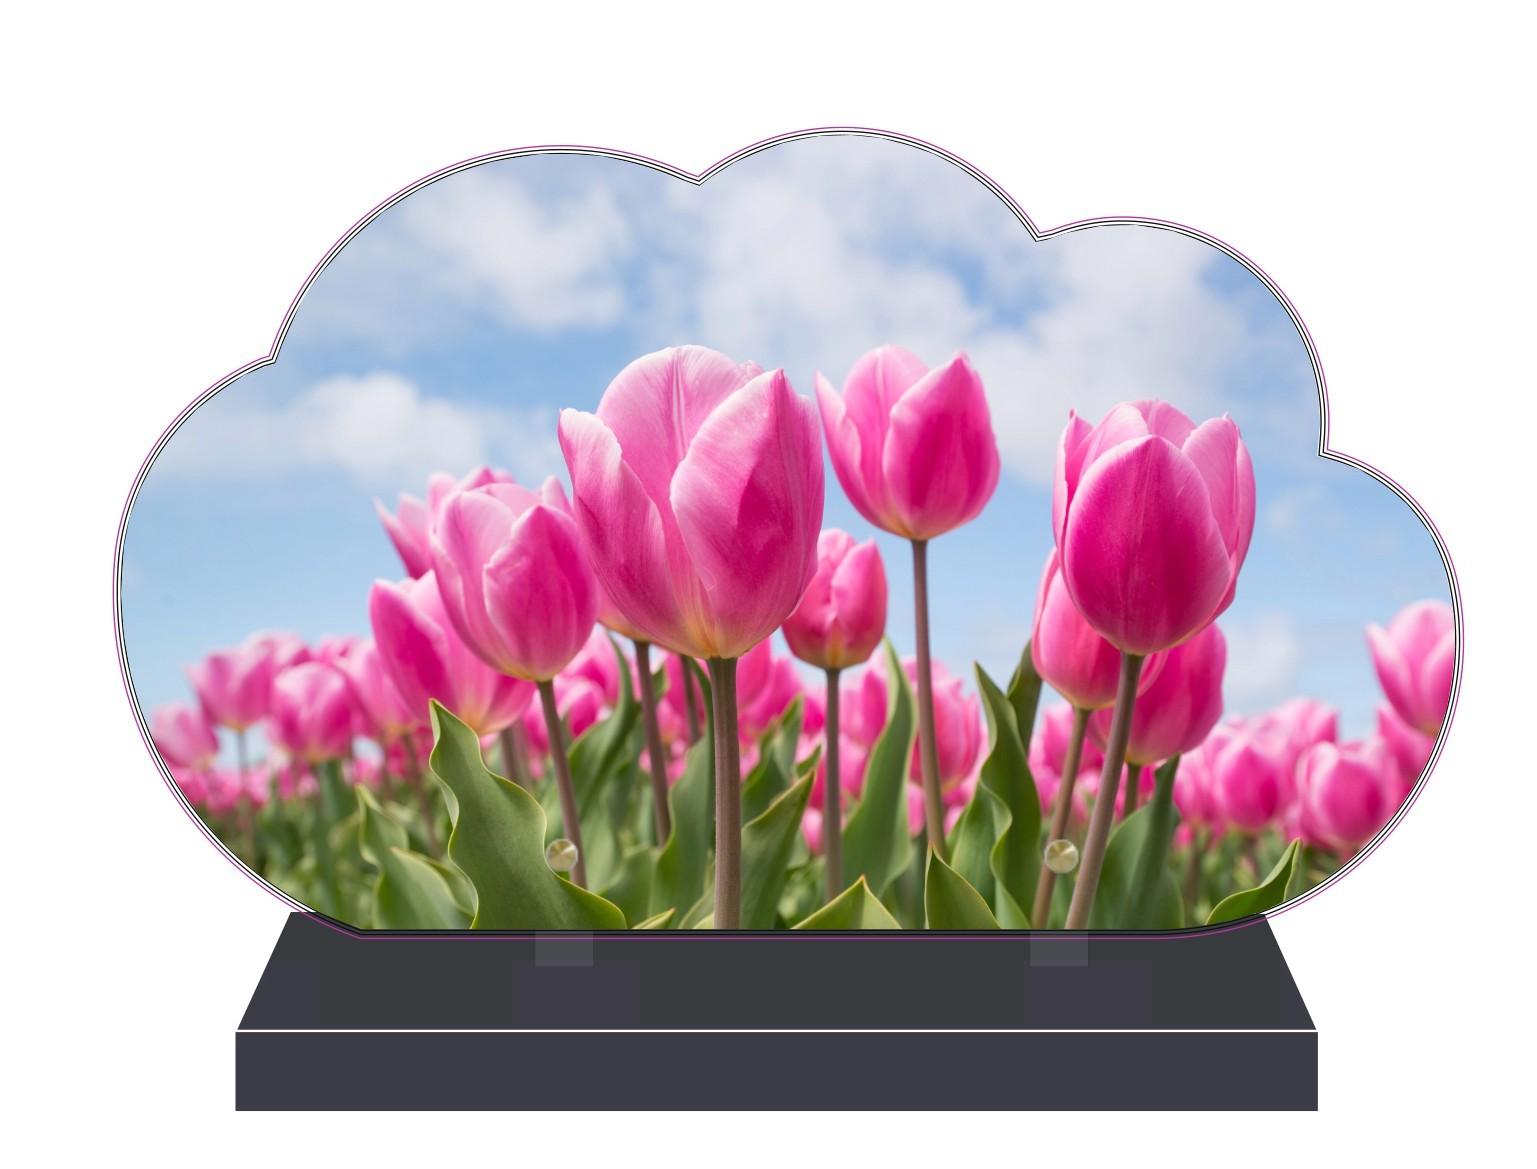 Fleurs Plaques funéraires fleurs - theme fleurs pour plaques funeraires